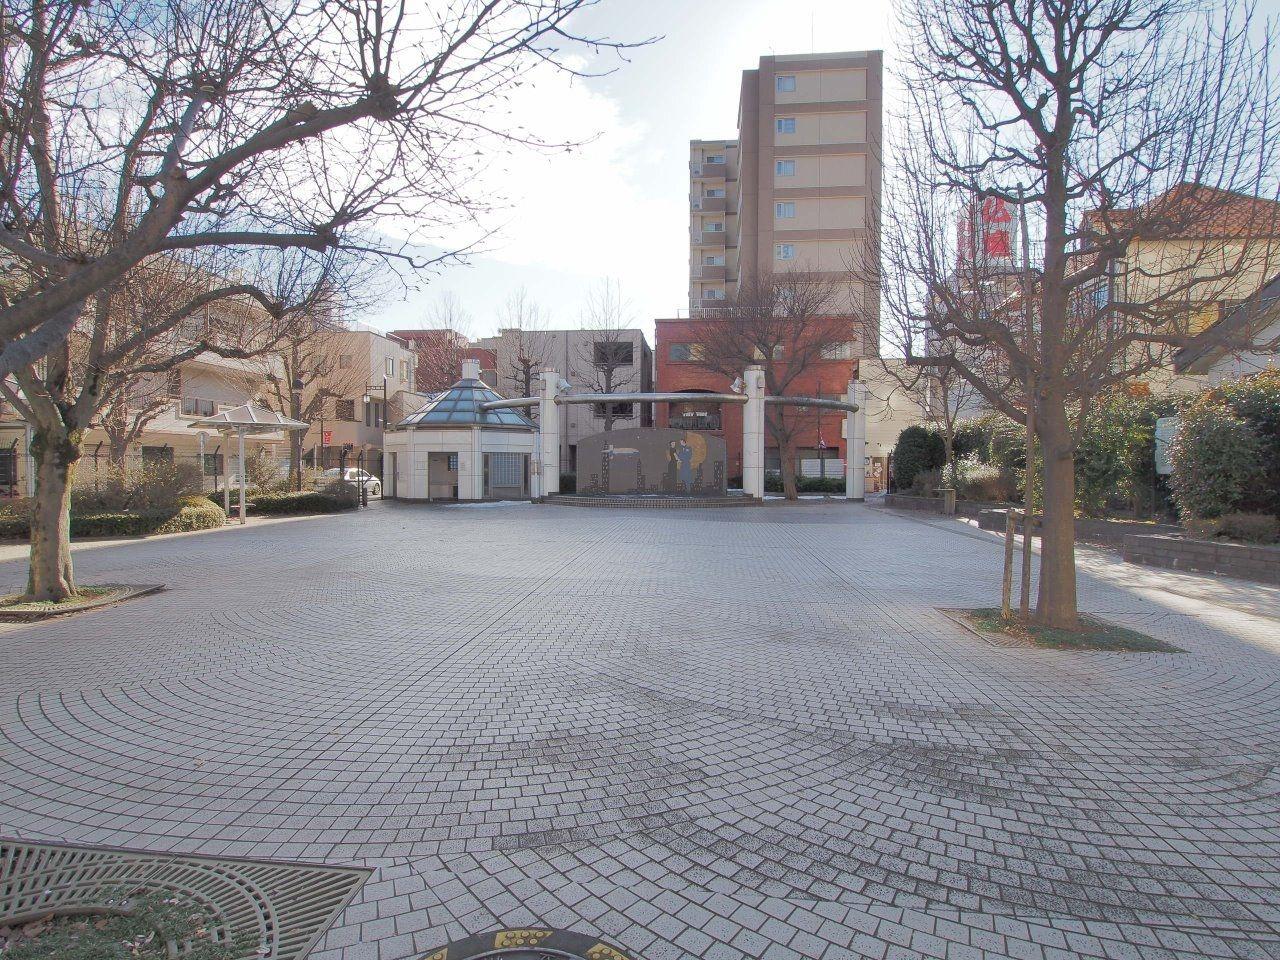 立川名画座のスクリーンを模したオブジェのある公園